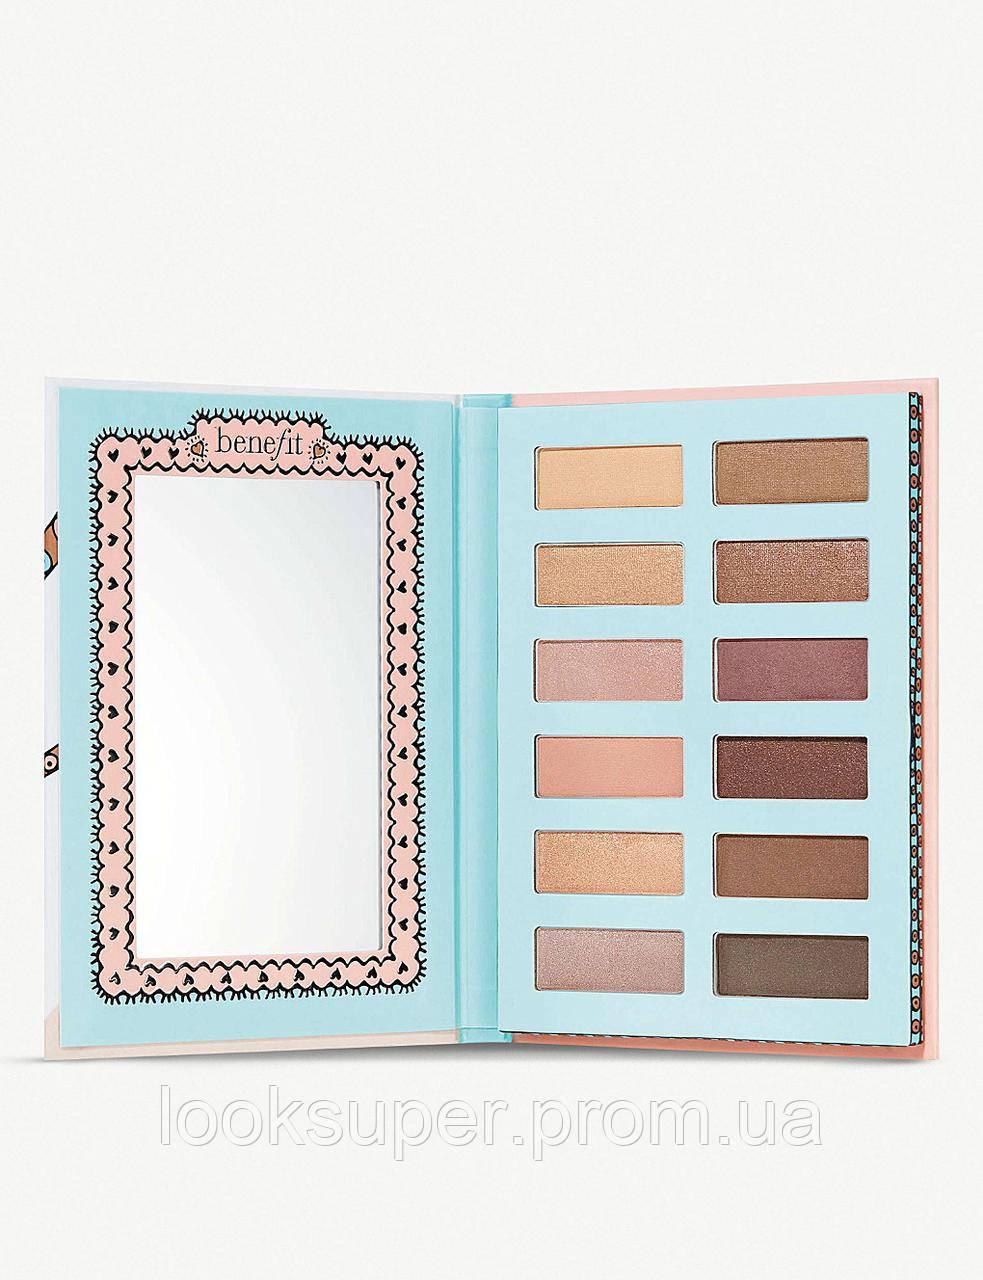 Набор теней BENEFIT Vanity Flare Nude Eyeshadow Palette